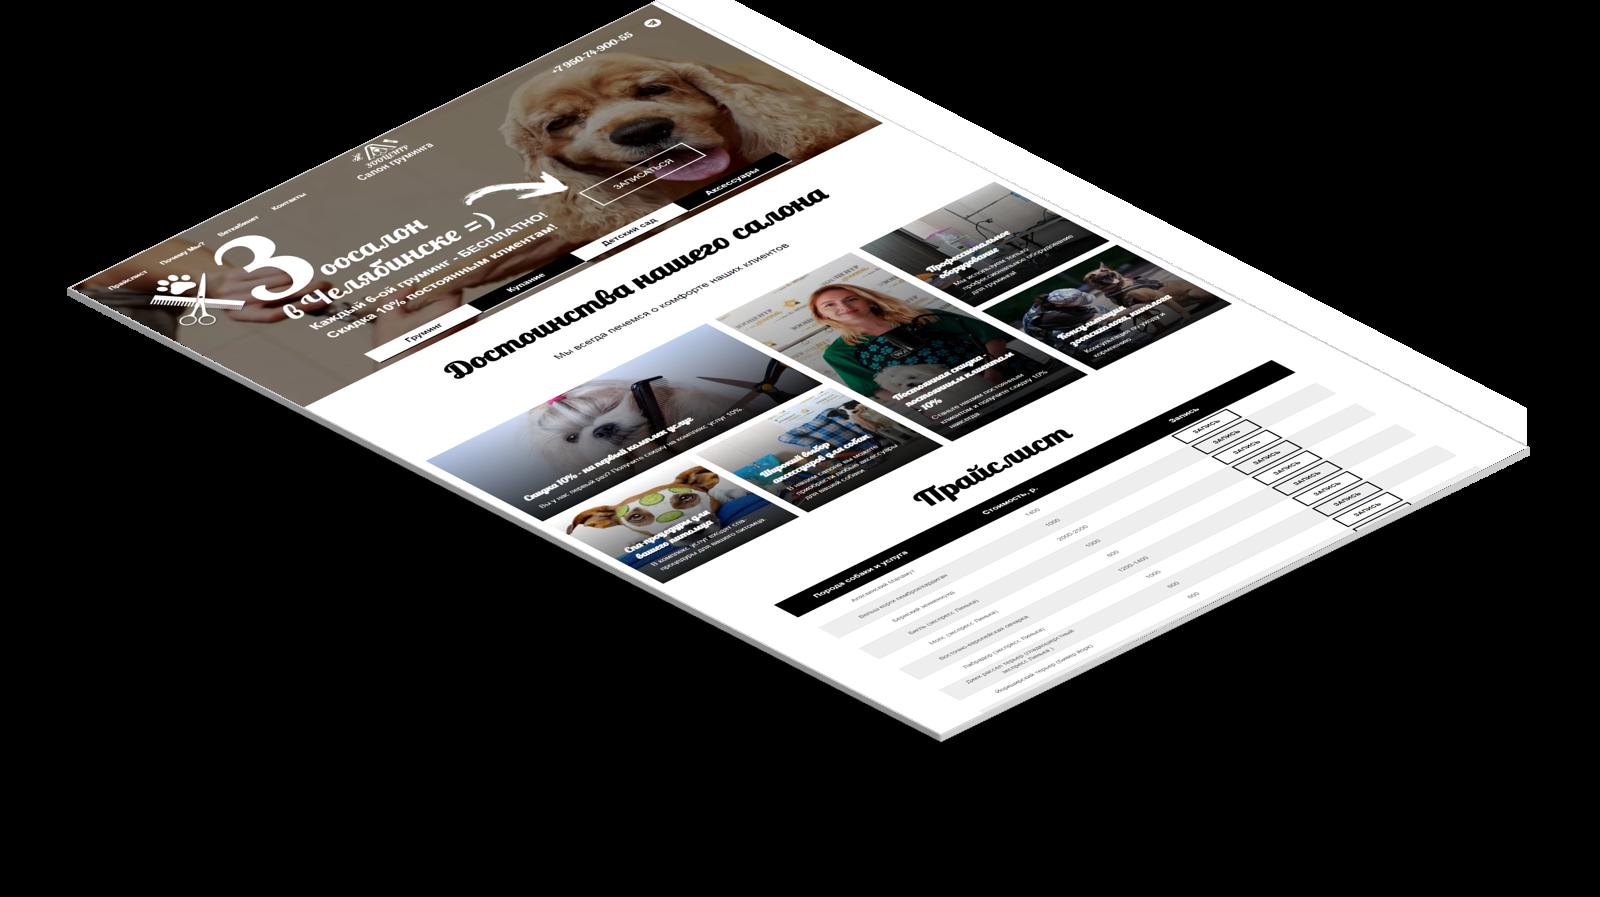 Продвижение в интернете, настройка контекстной рекламы, разработка сайта